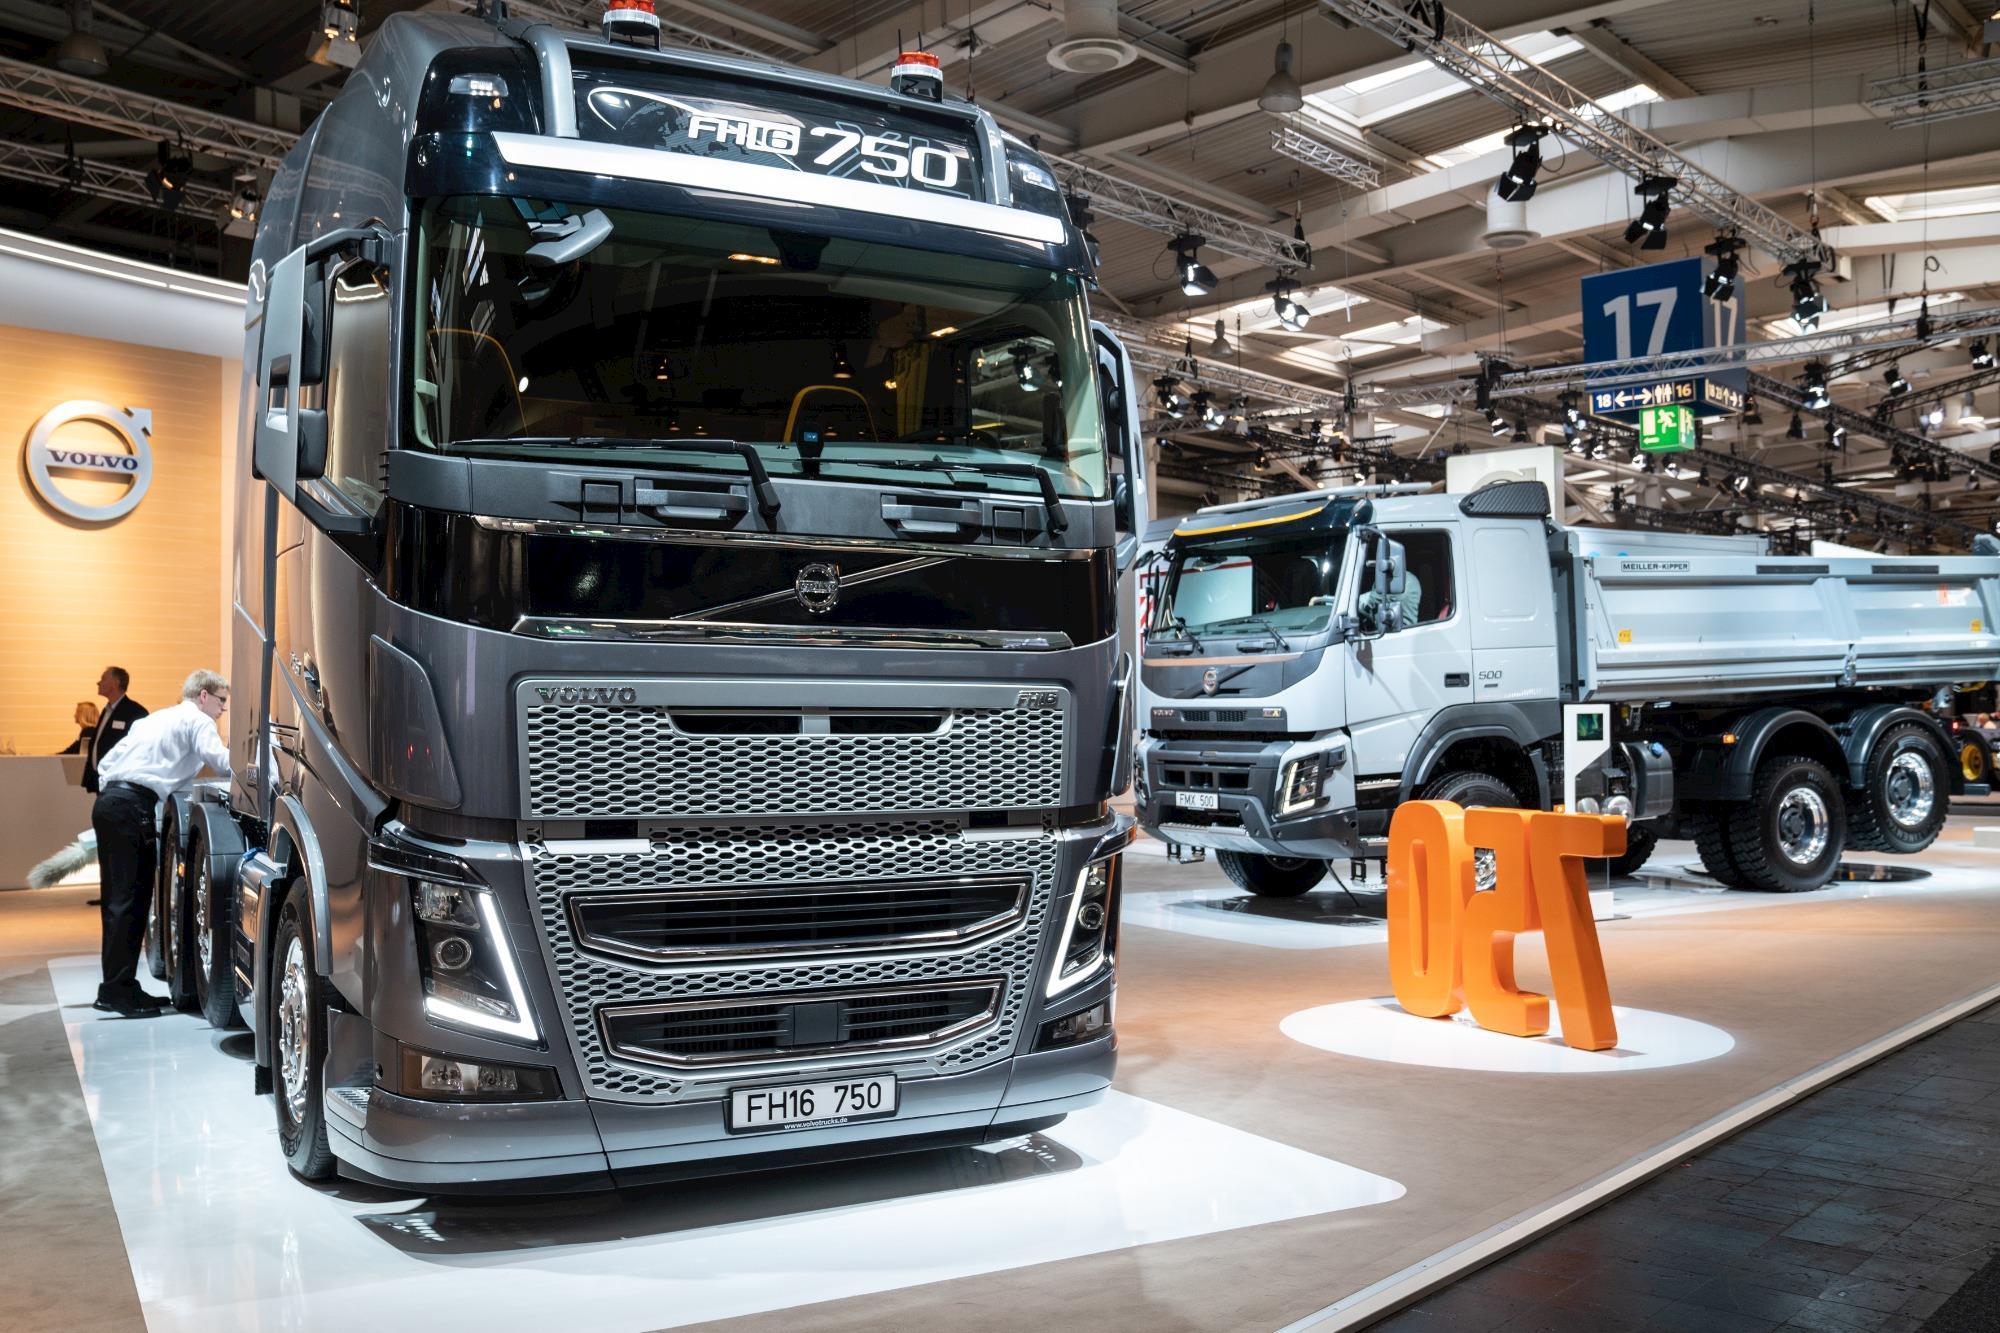 Combustíveis alternativos são destaque no Salão de Veículos Comerciais na Alemanha